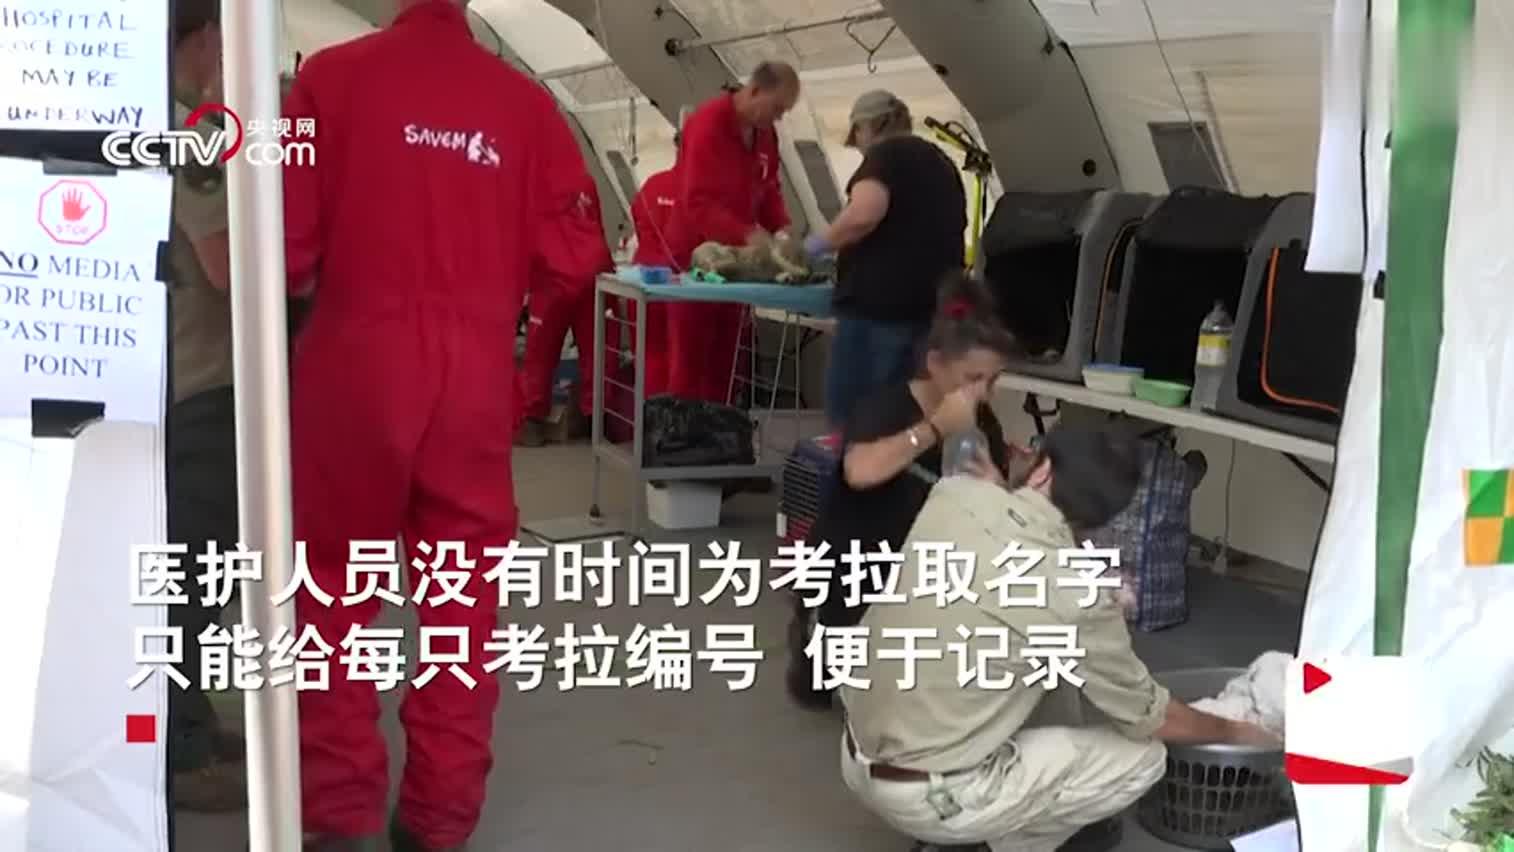 视频-走进澳大利亚临时考拉医院:一些考拉因伤重而